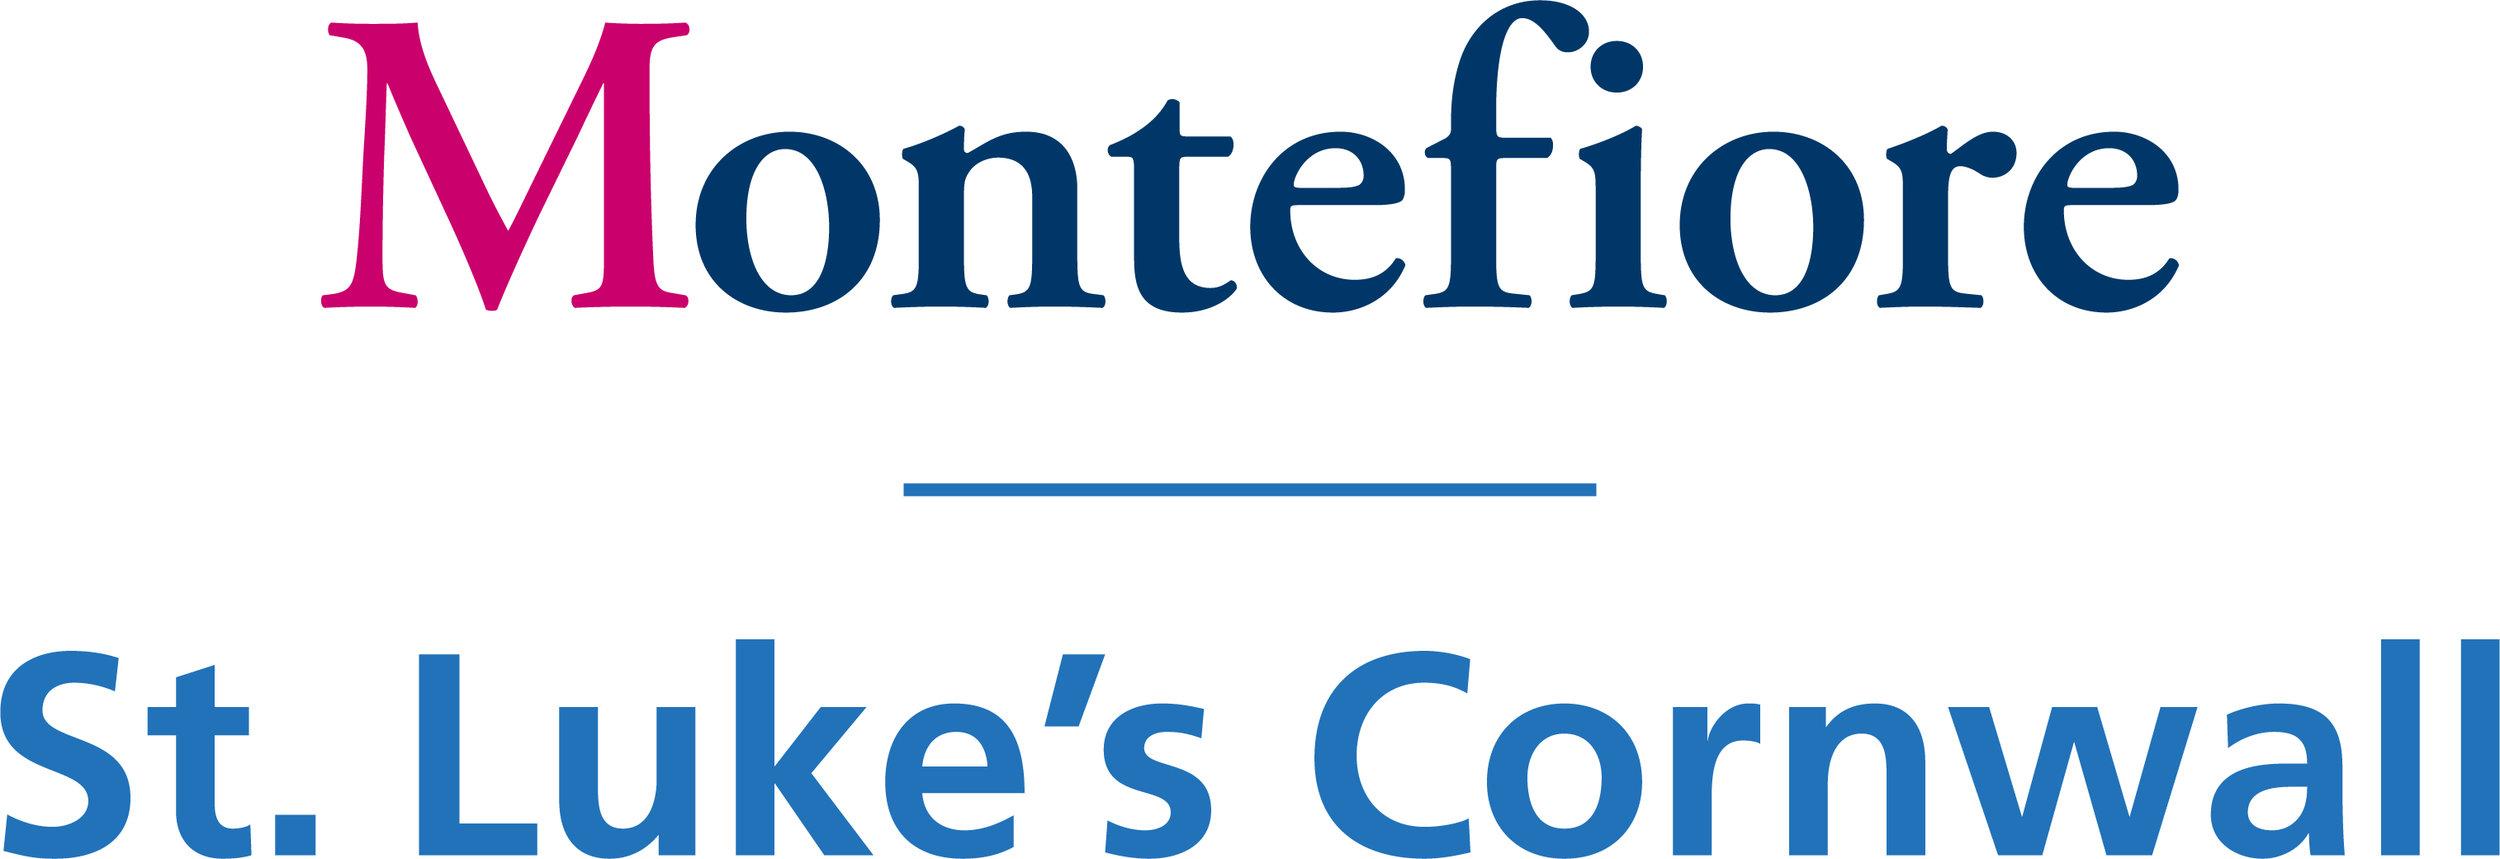 Montefiore_StLukesCornwall_V_RGB.jpg